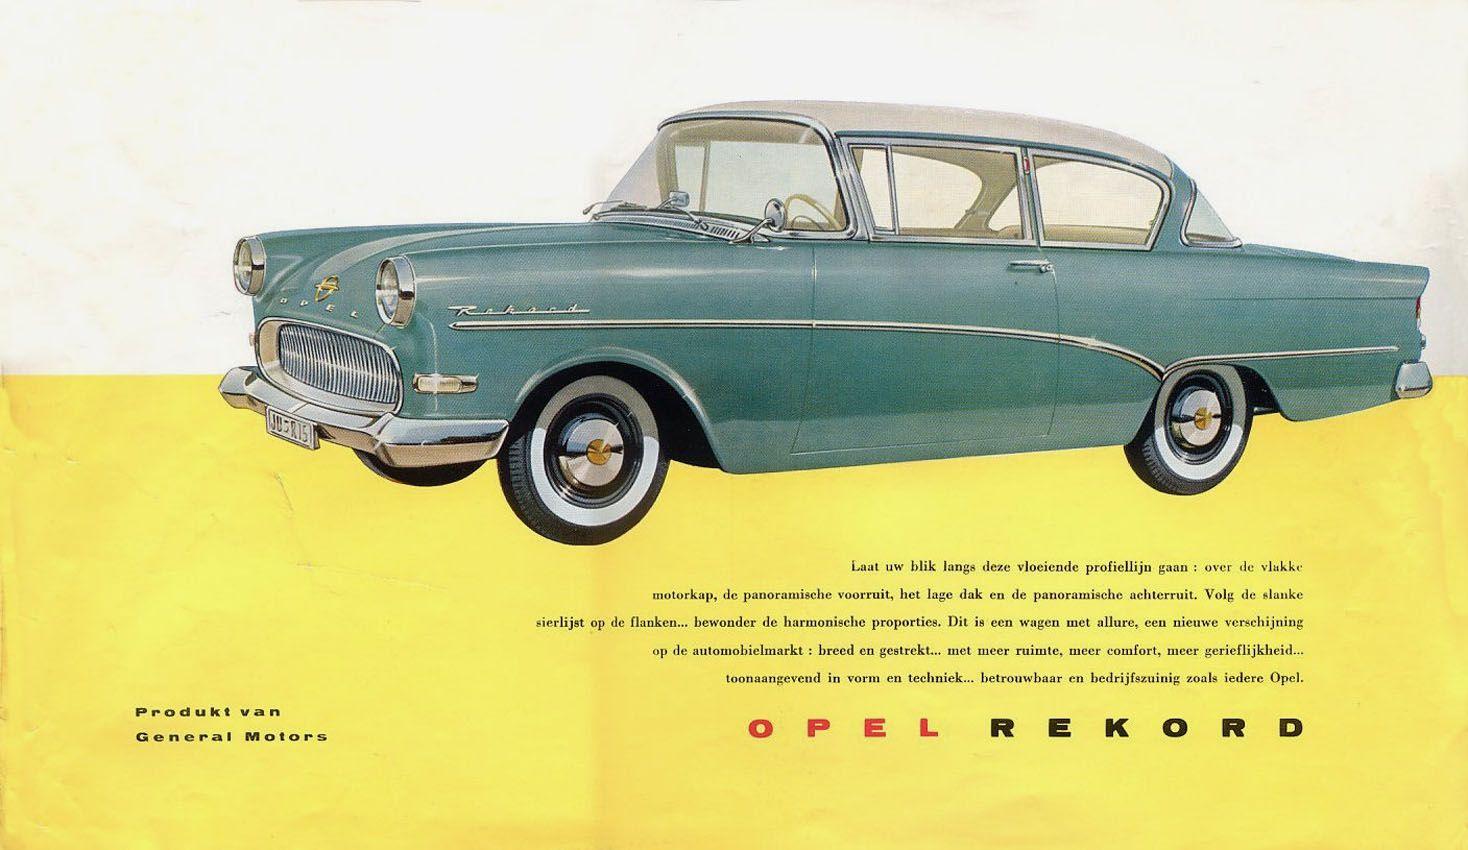 1958 opel rekord